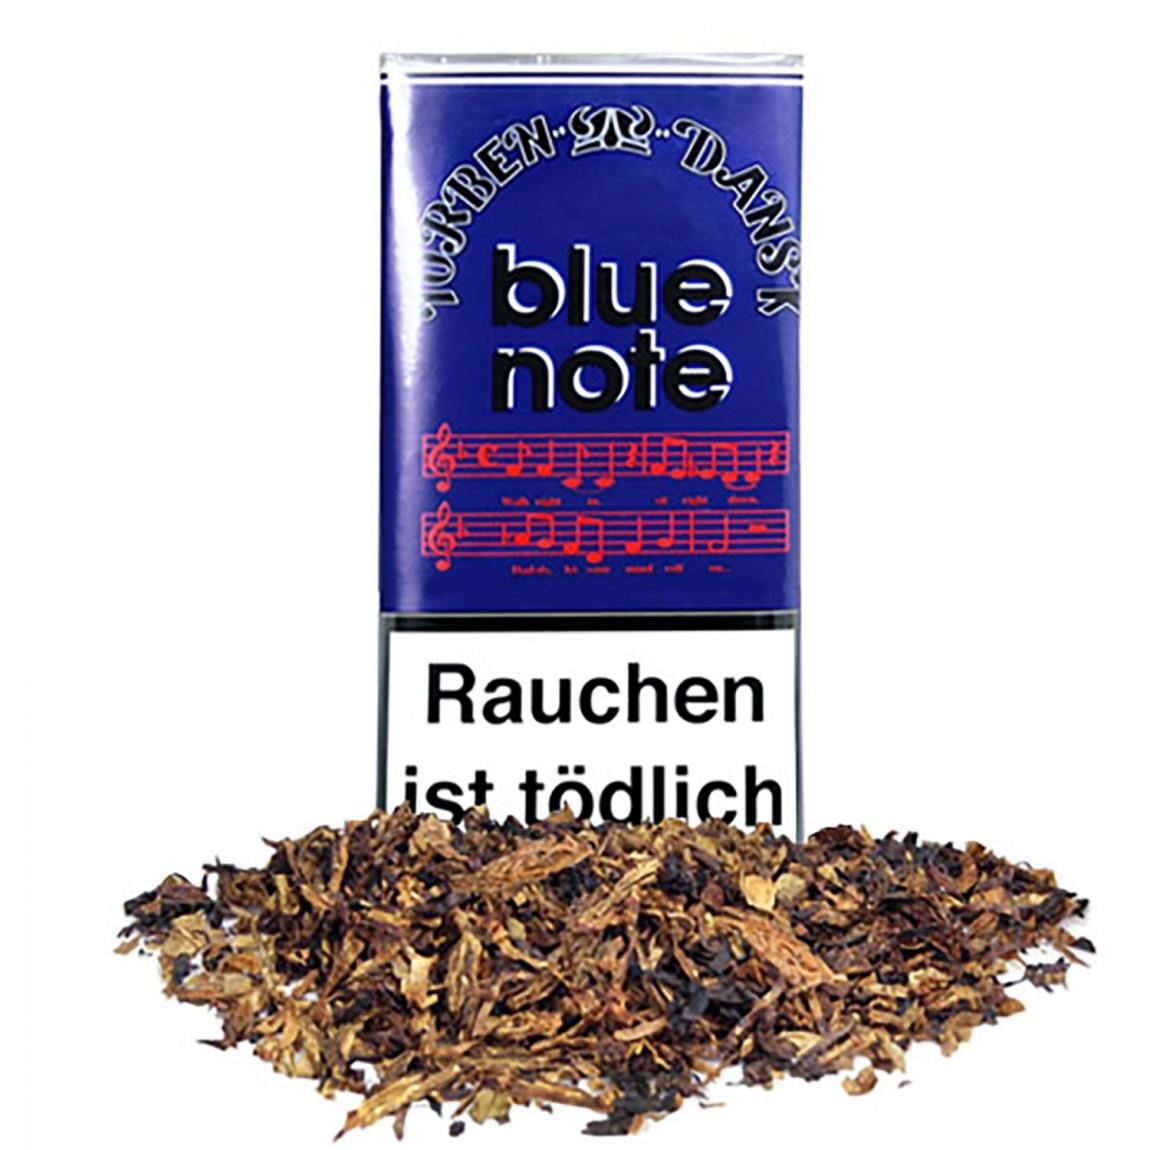 Torben Dansk Blue Note 50g Pouch